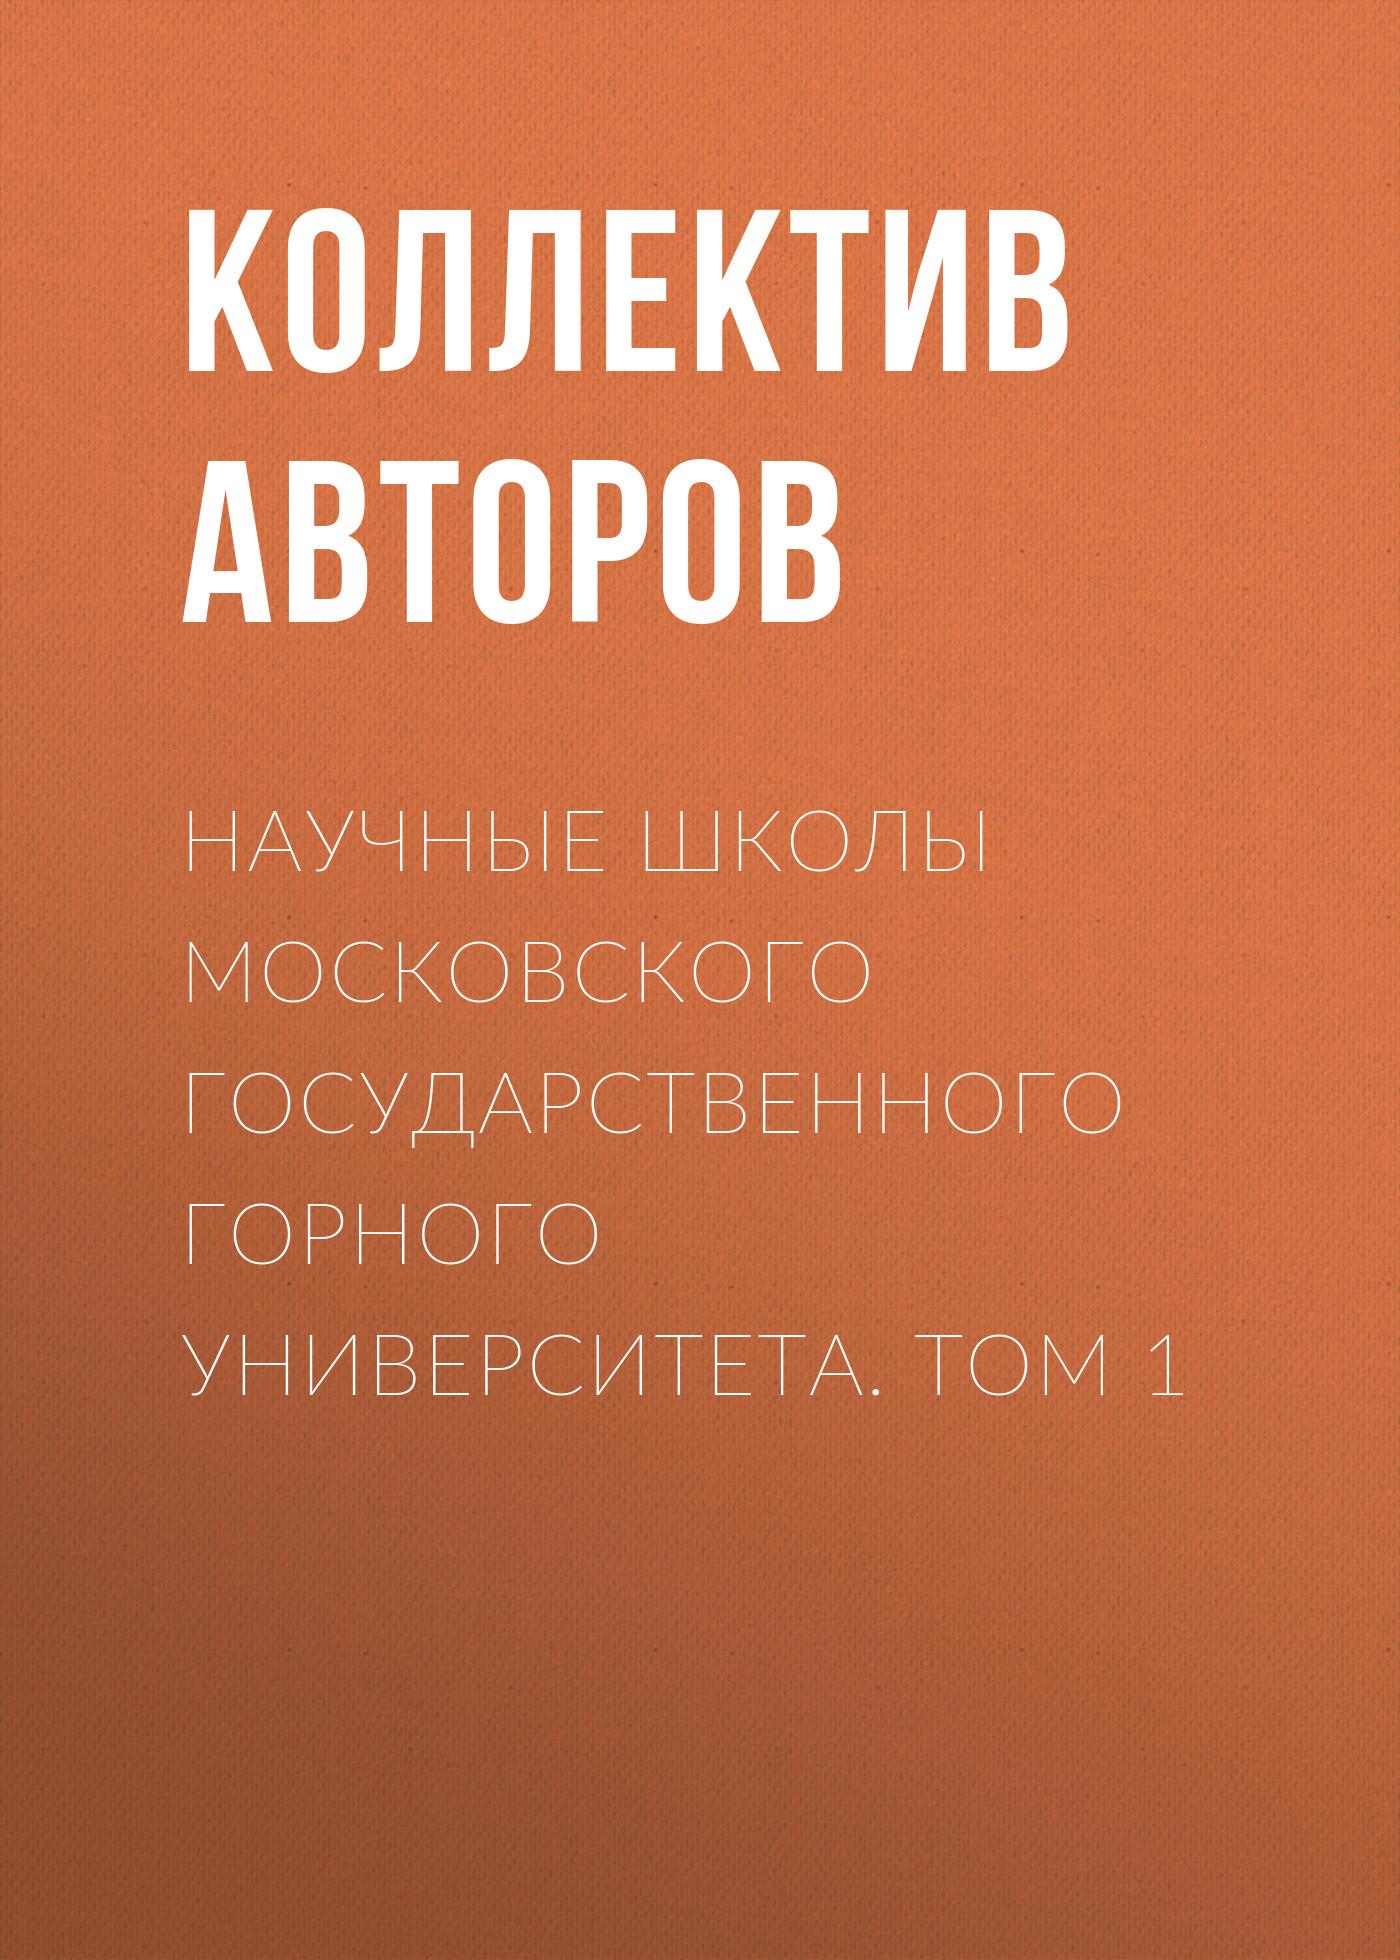 купить Коллектив авторов Научные школы Московского государственного горного университета. Том 1 онлайн